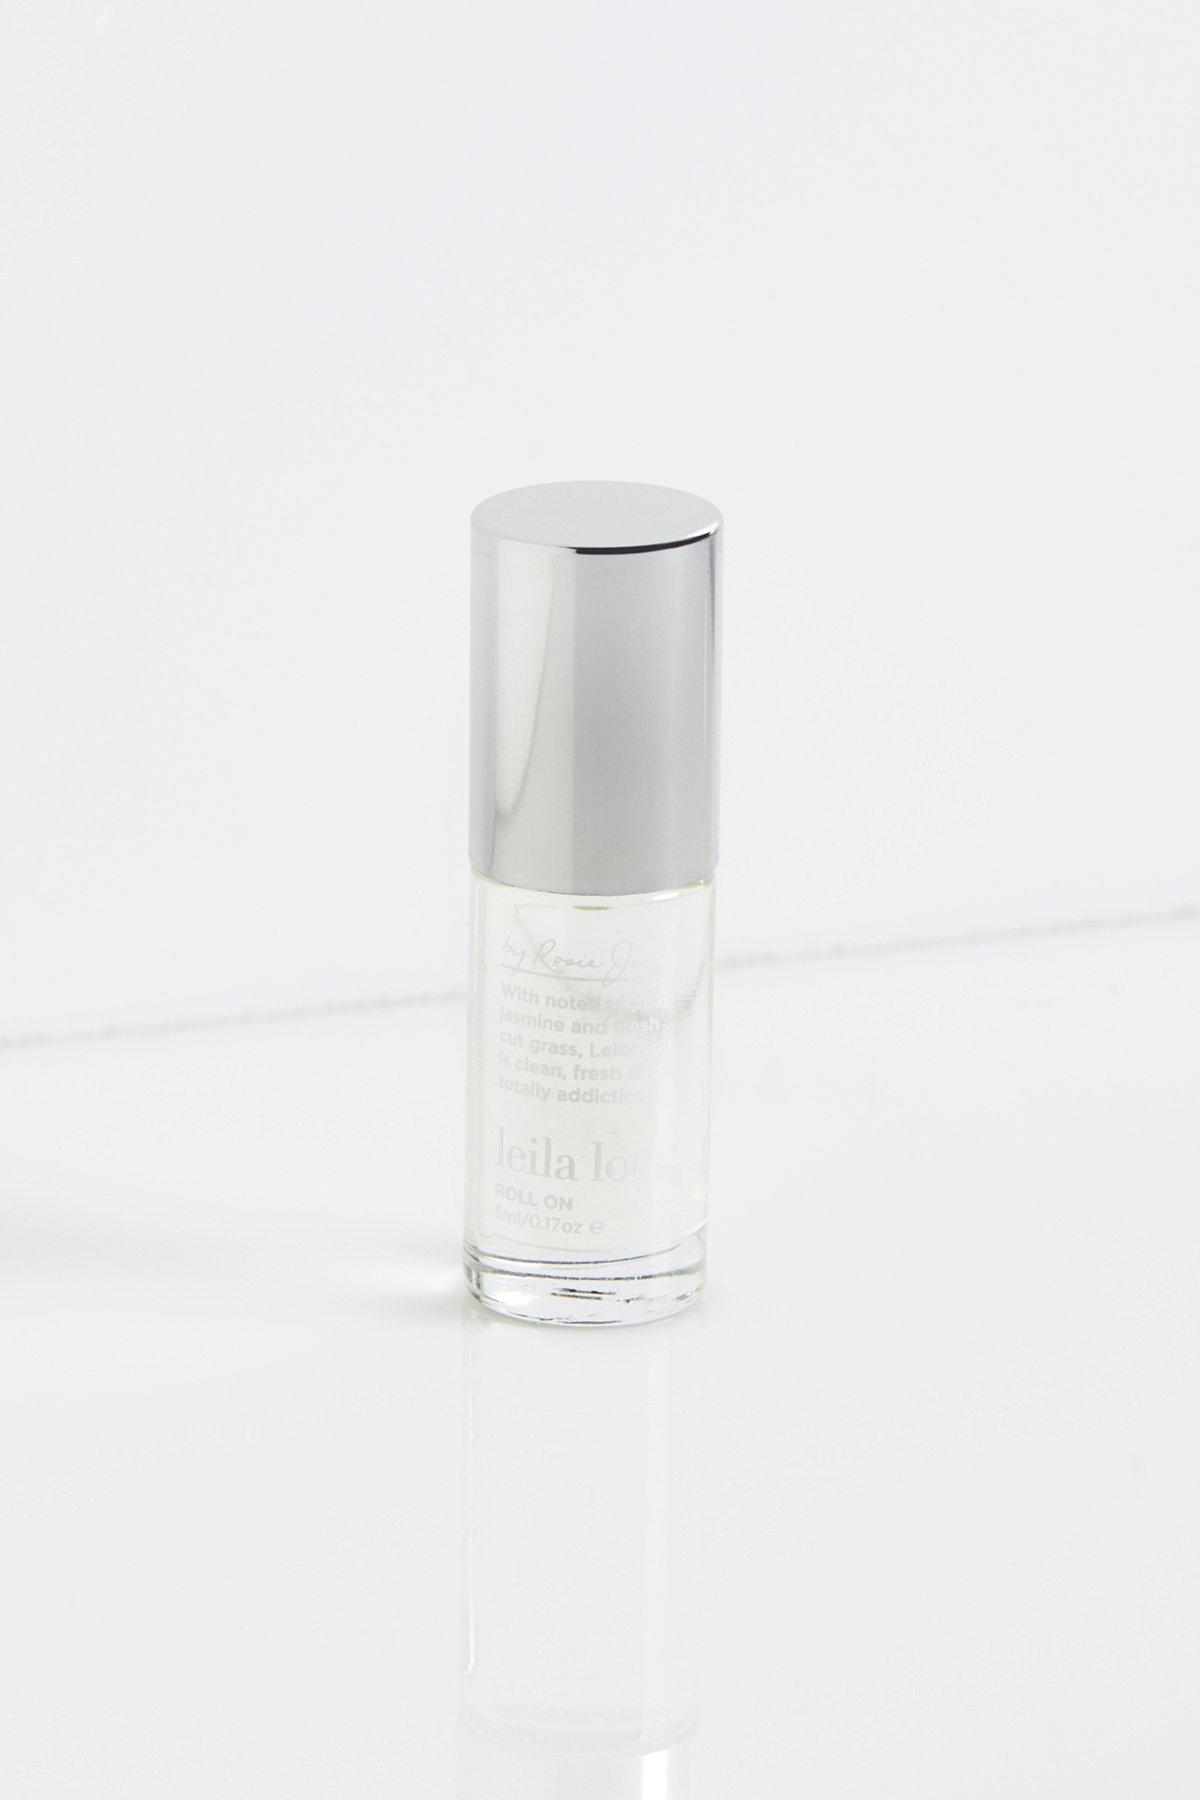 Perfume Oil By Rosie Jane